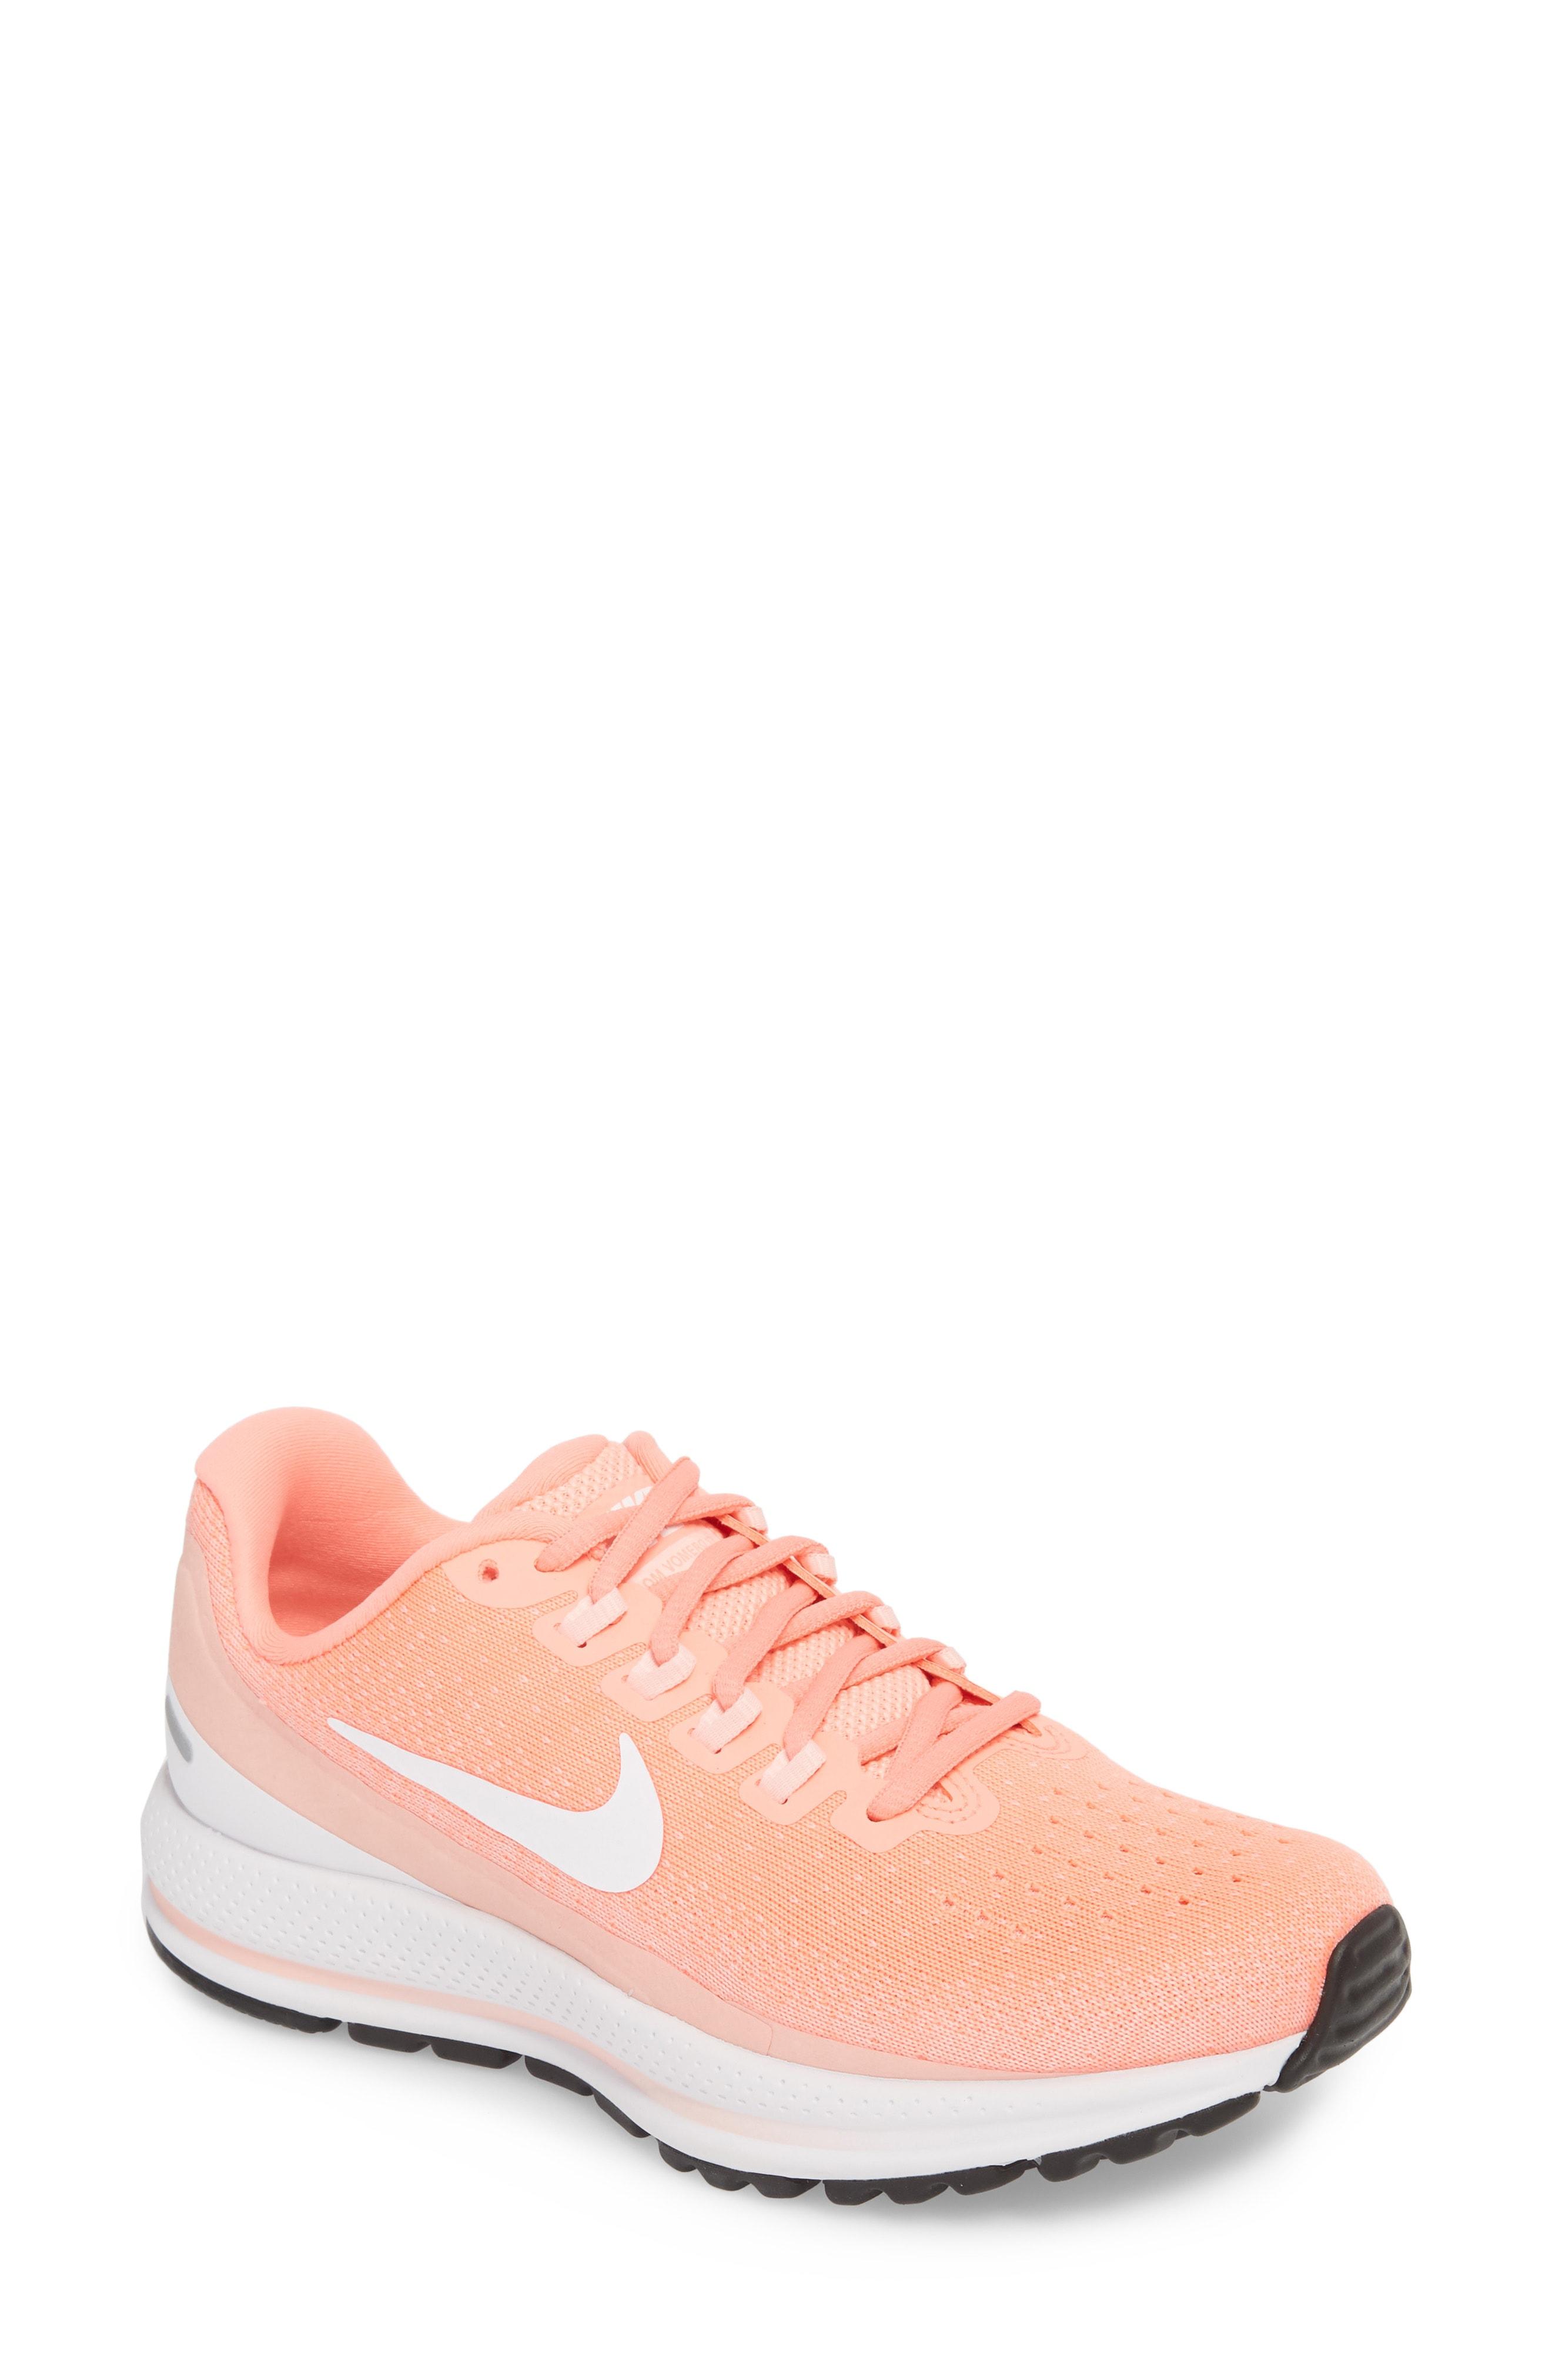 Nike Air Zoom Vomero 13 Running Shoe (Women)